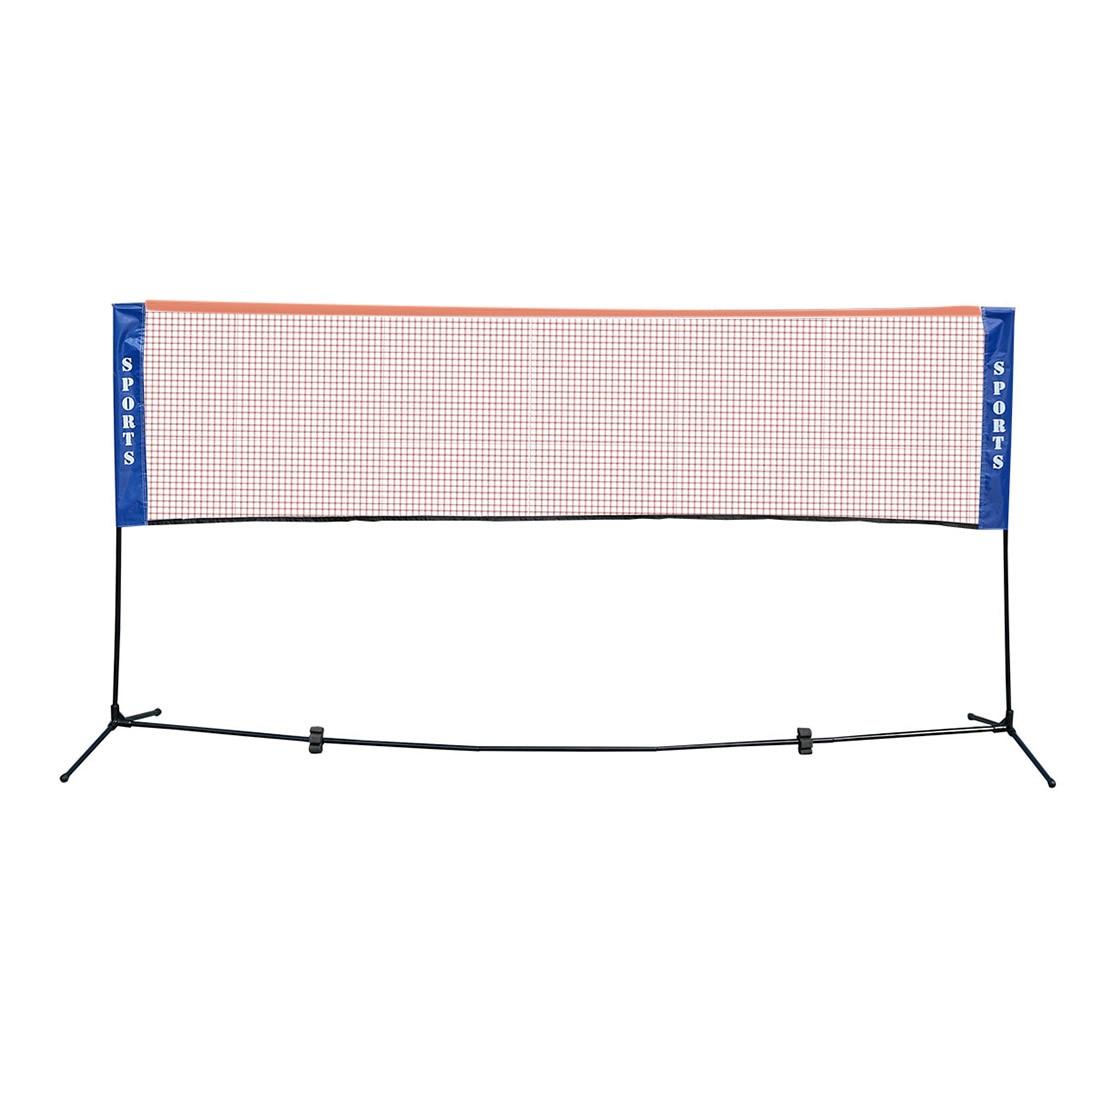 Portable badminton Grid Structure 3.1*1.55M